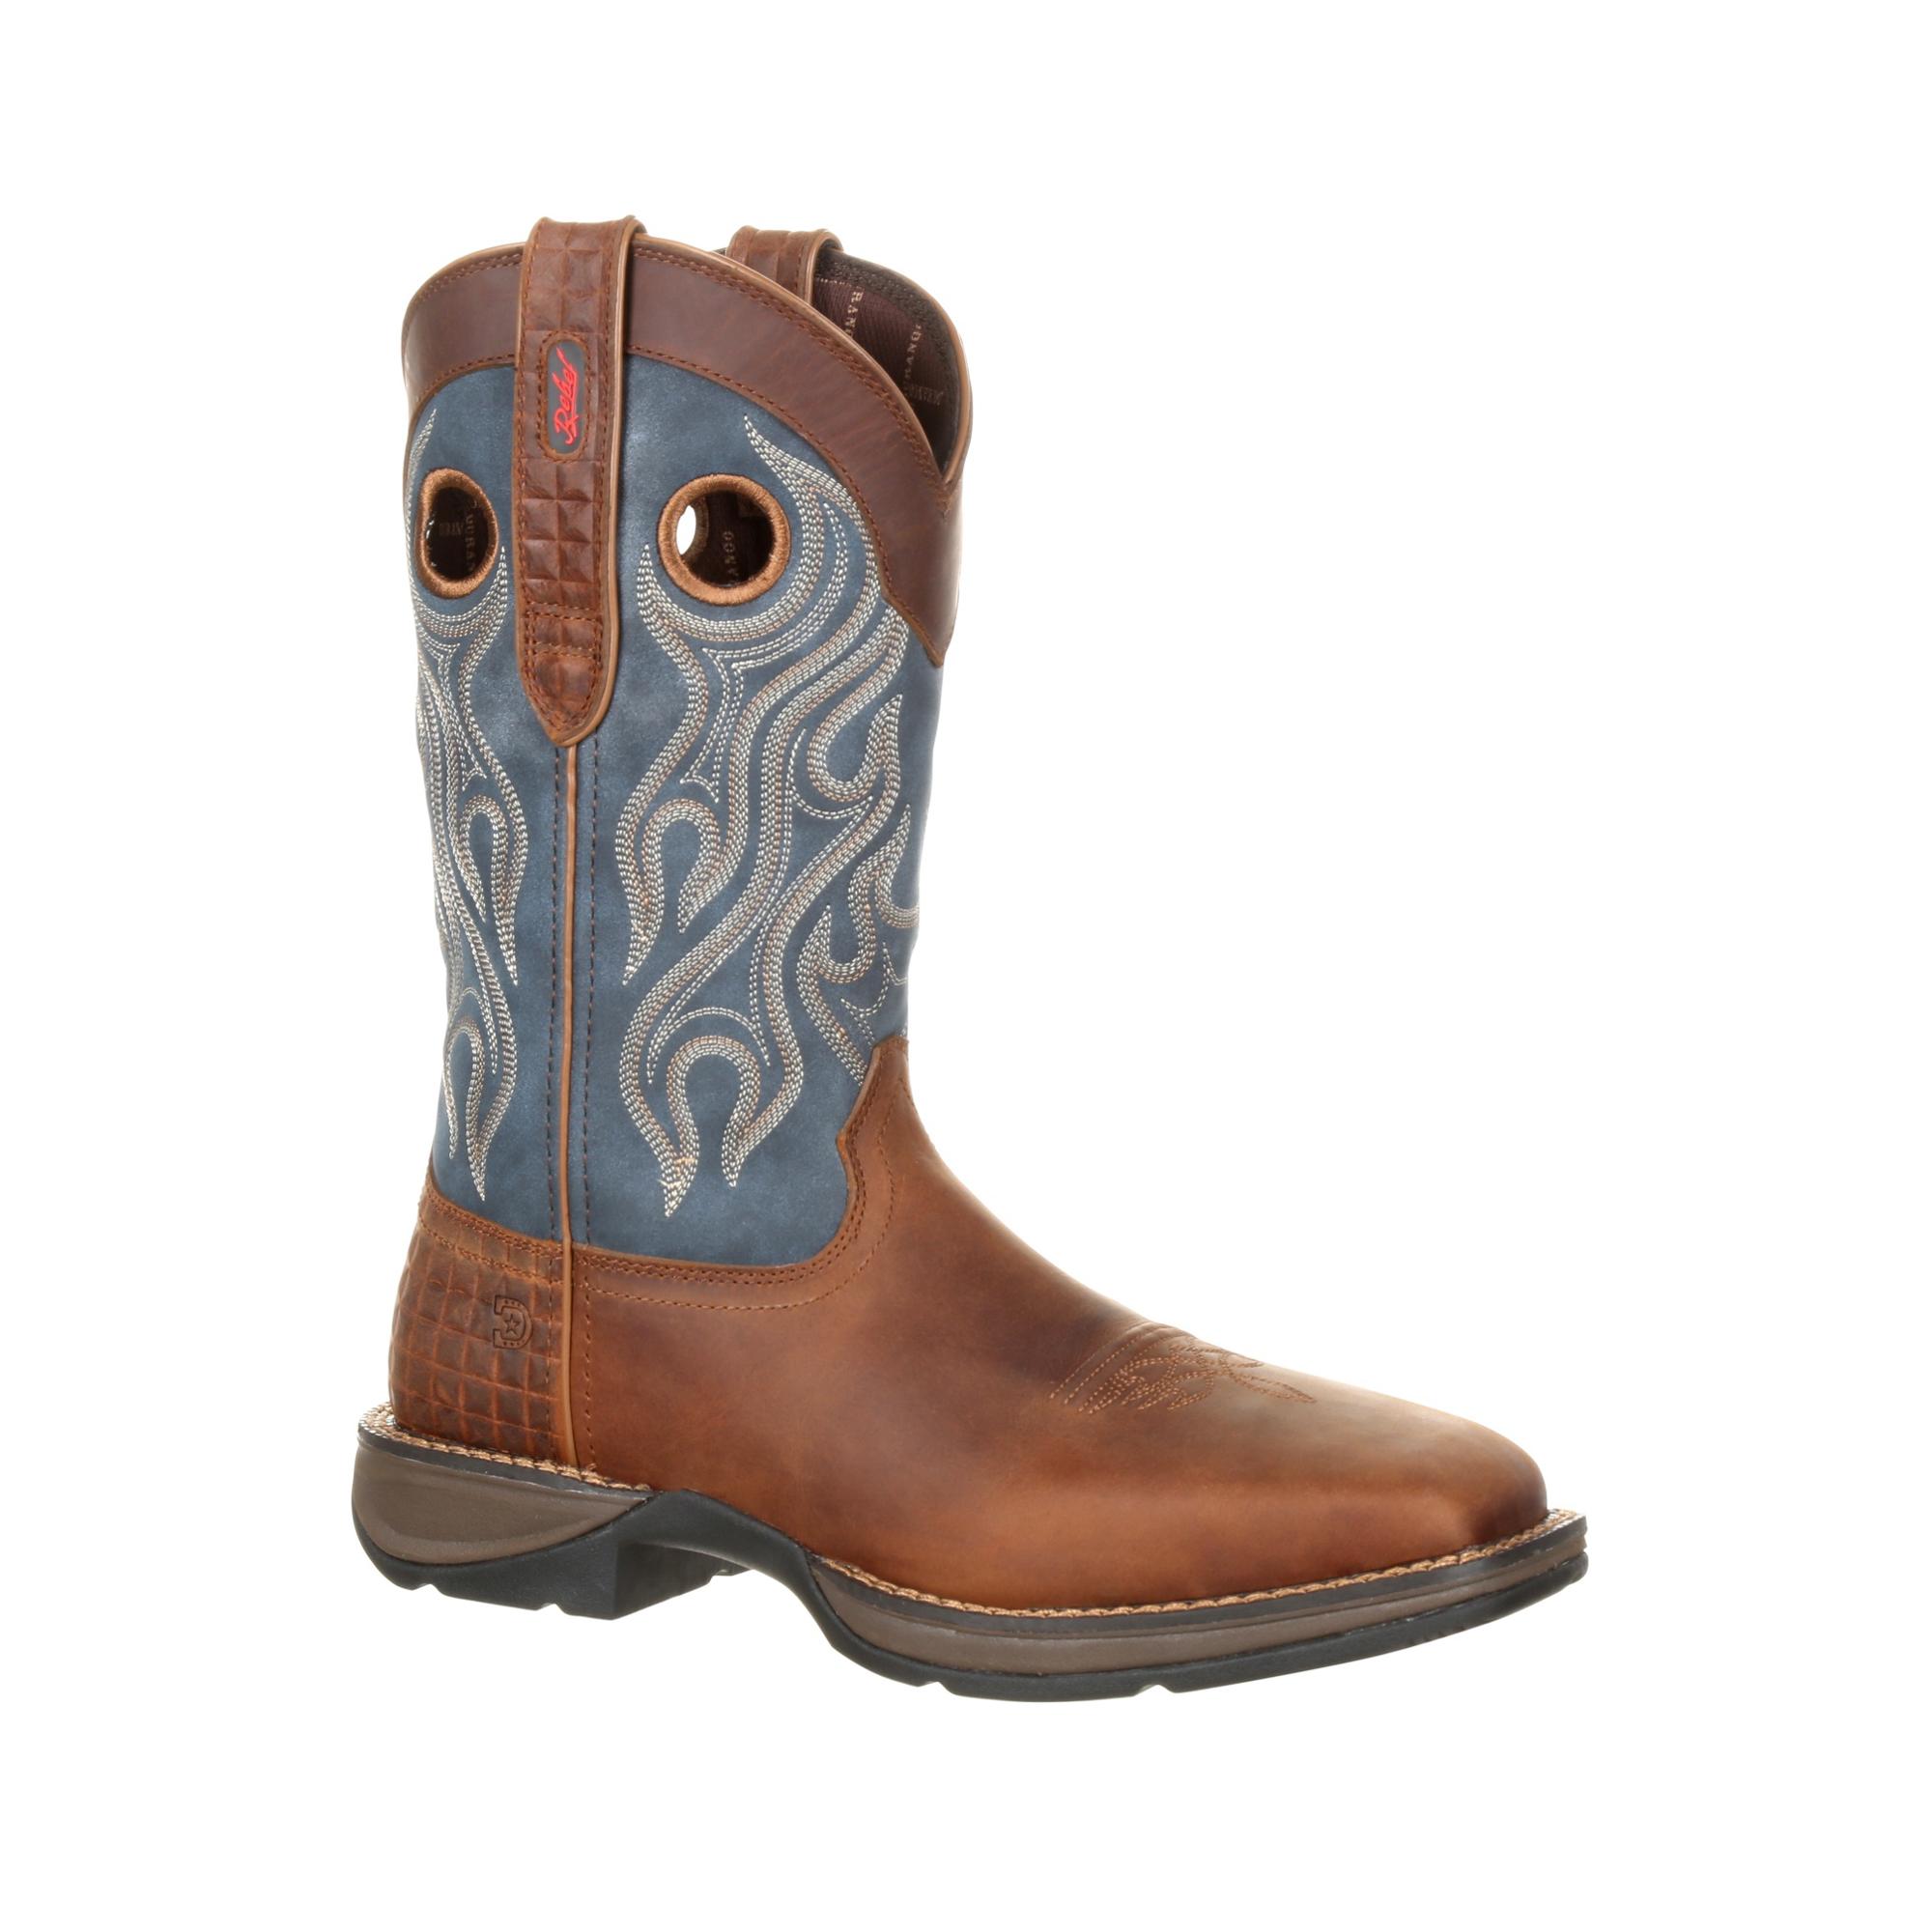 Durango Mens Dark/Blue Denim Leather ST PullOn Work Boots